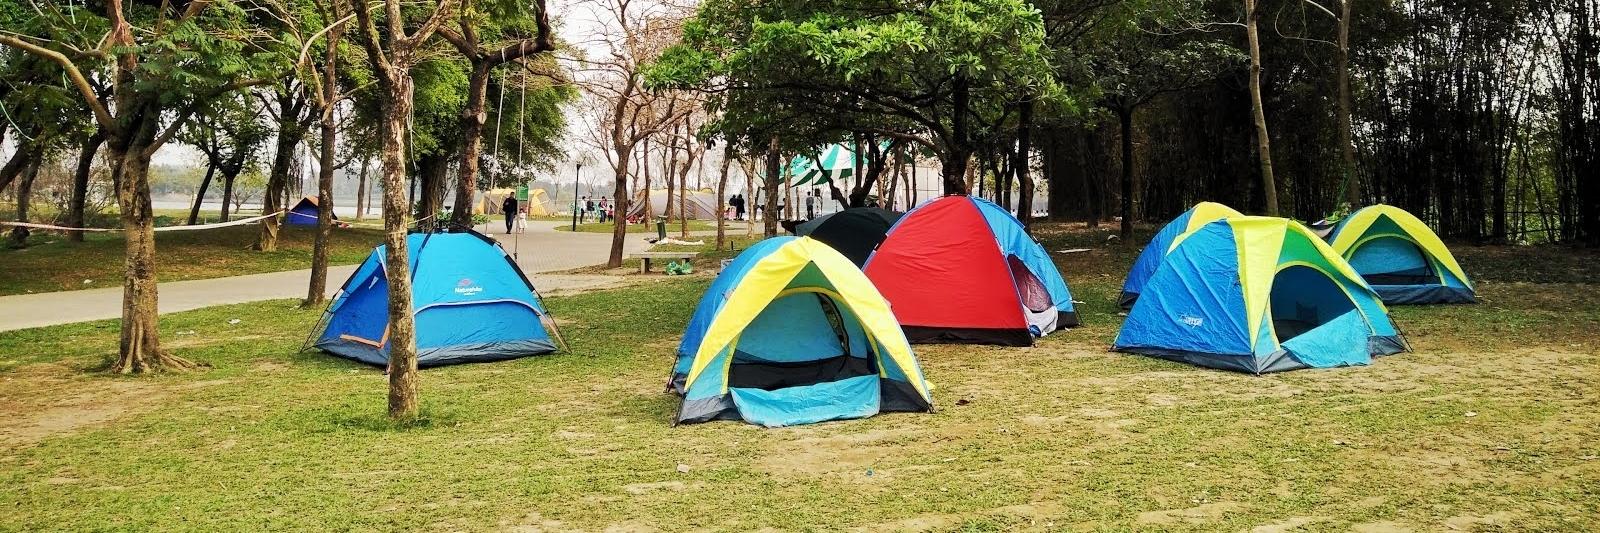 https://gody.vn/blog/quynhnhu/post/5-dia-diem-li-tuong-sat-sat-ha-noi-cho-chuyen-picnic-cuoi-tuan-cung-gia-dinh-606